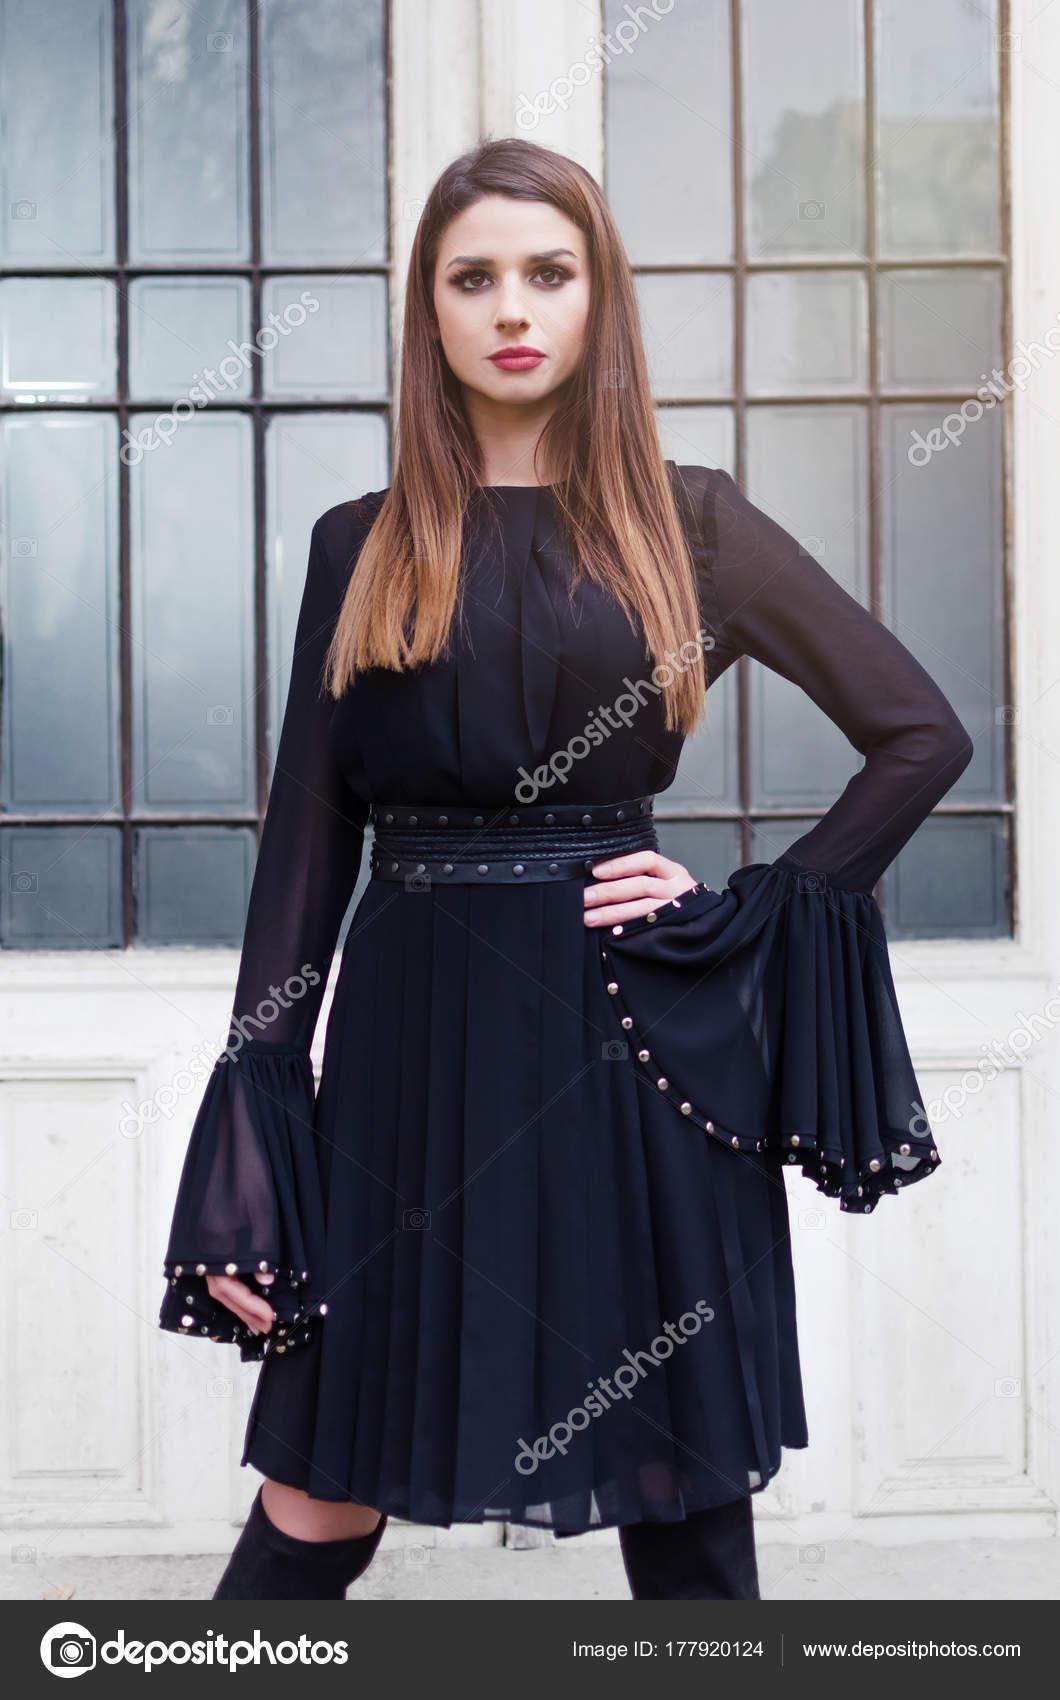 Vestido negro corto con botas largas